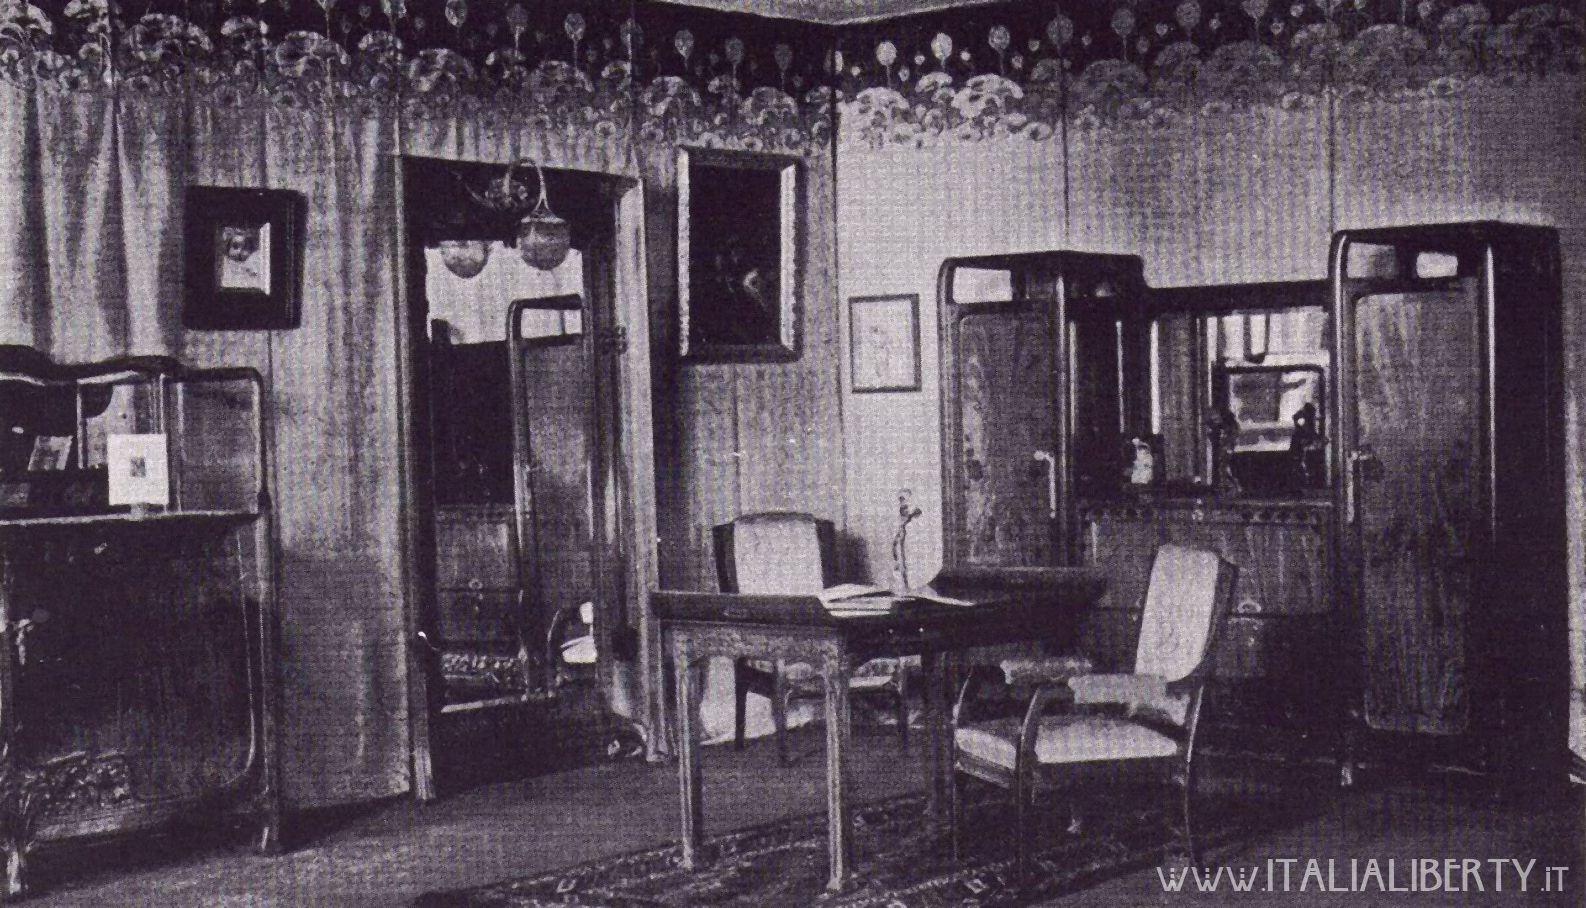 Liberty Arredamento ~ Www.italialiberty.it interni di palazzo castiglioni 1903 con